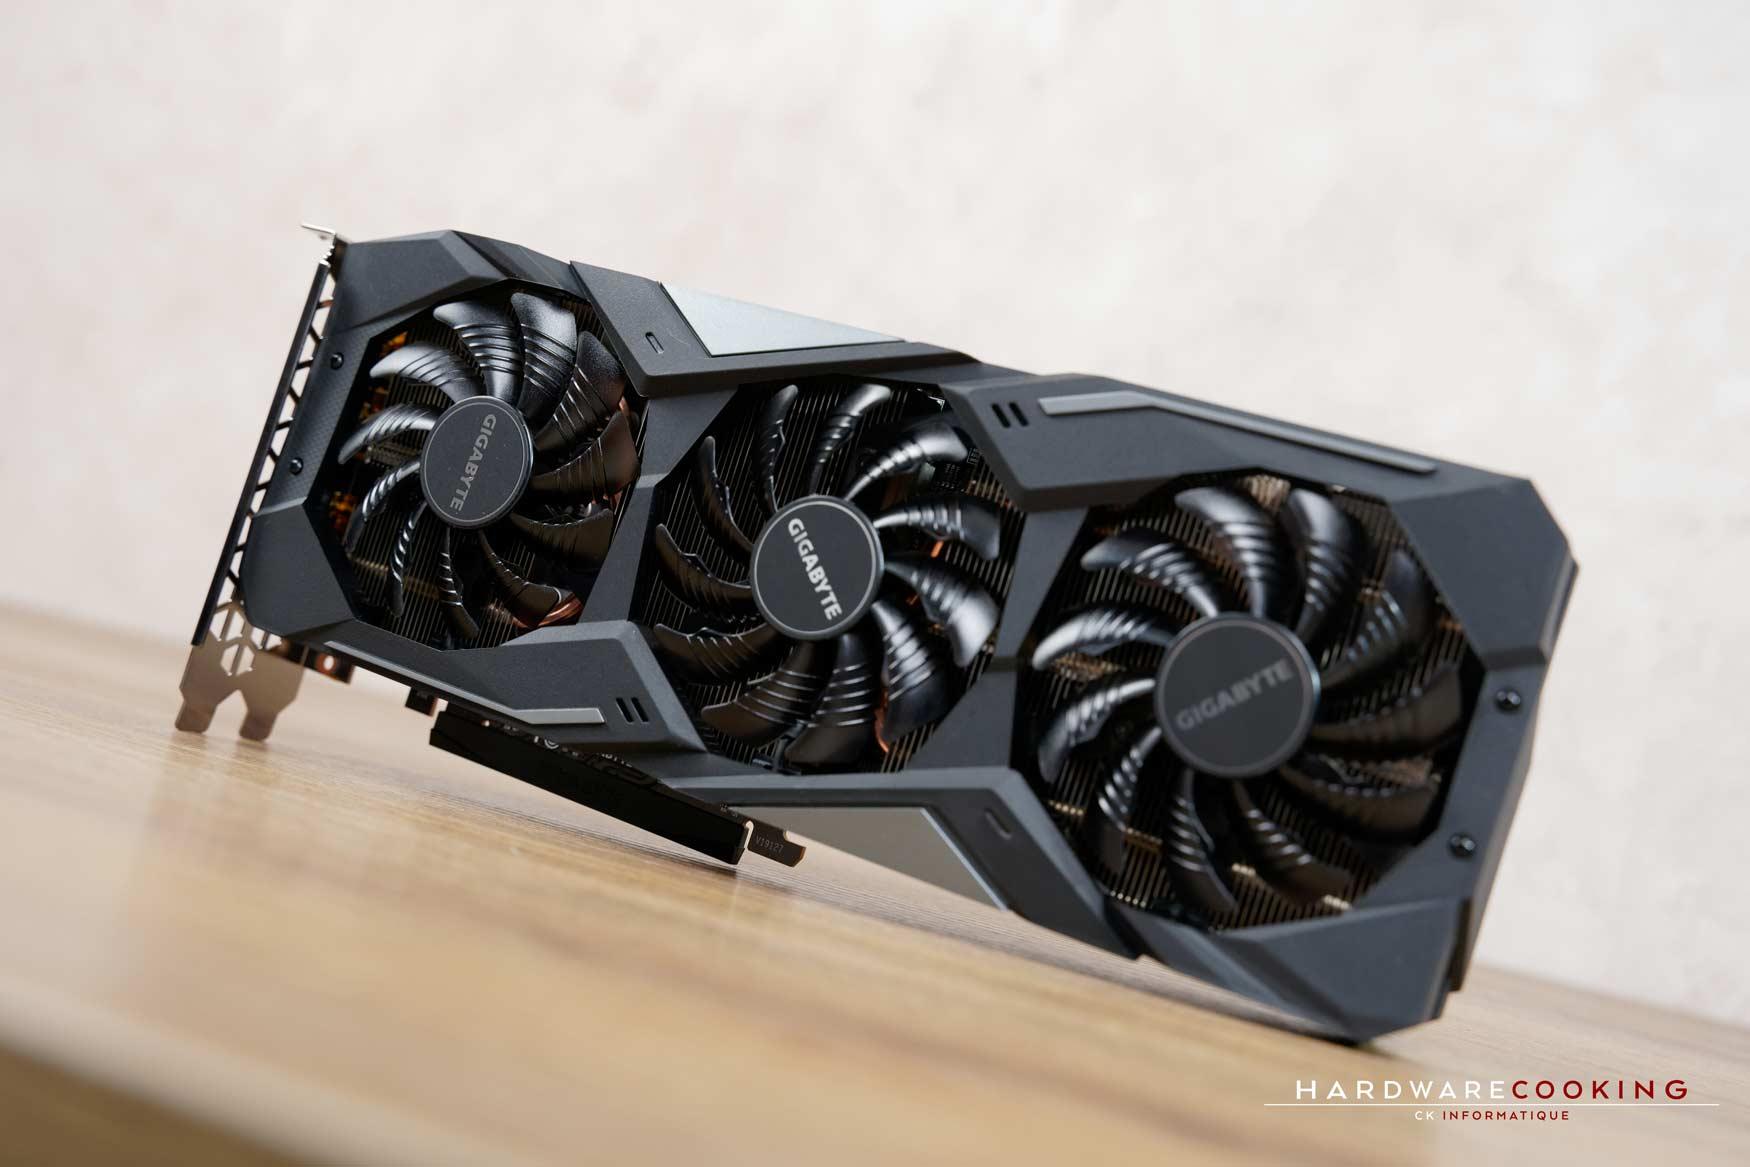 système de refroidissement WindForce 3X